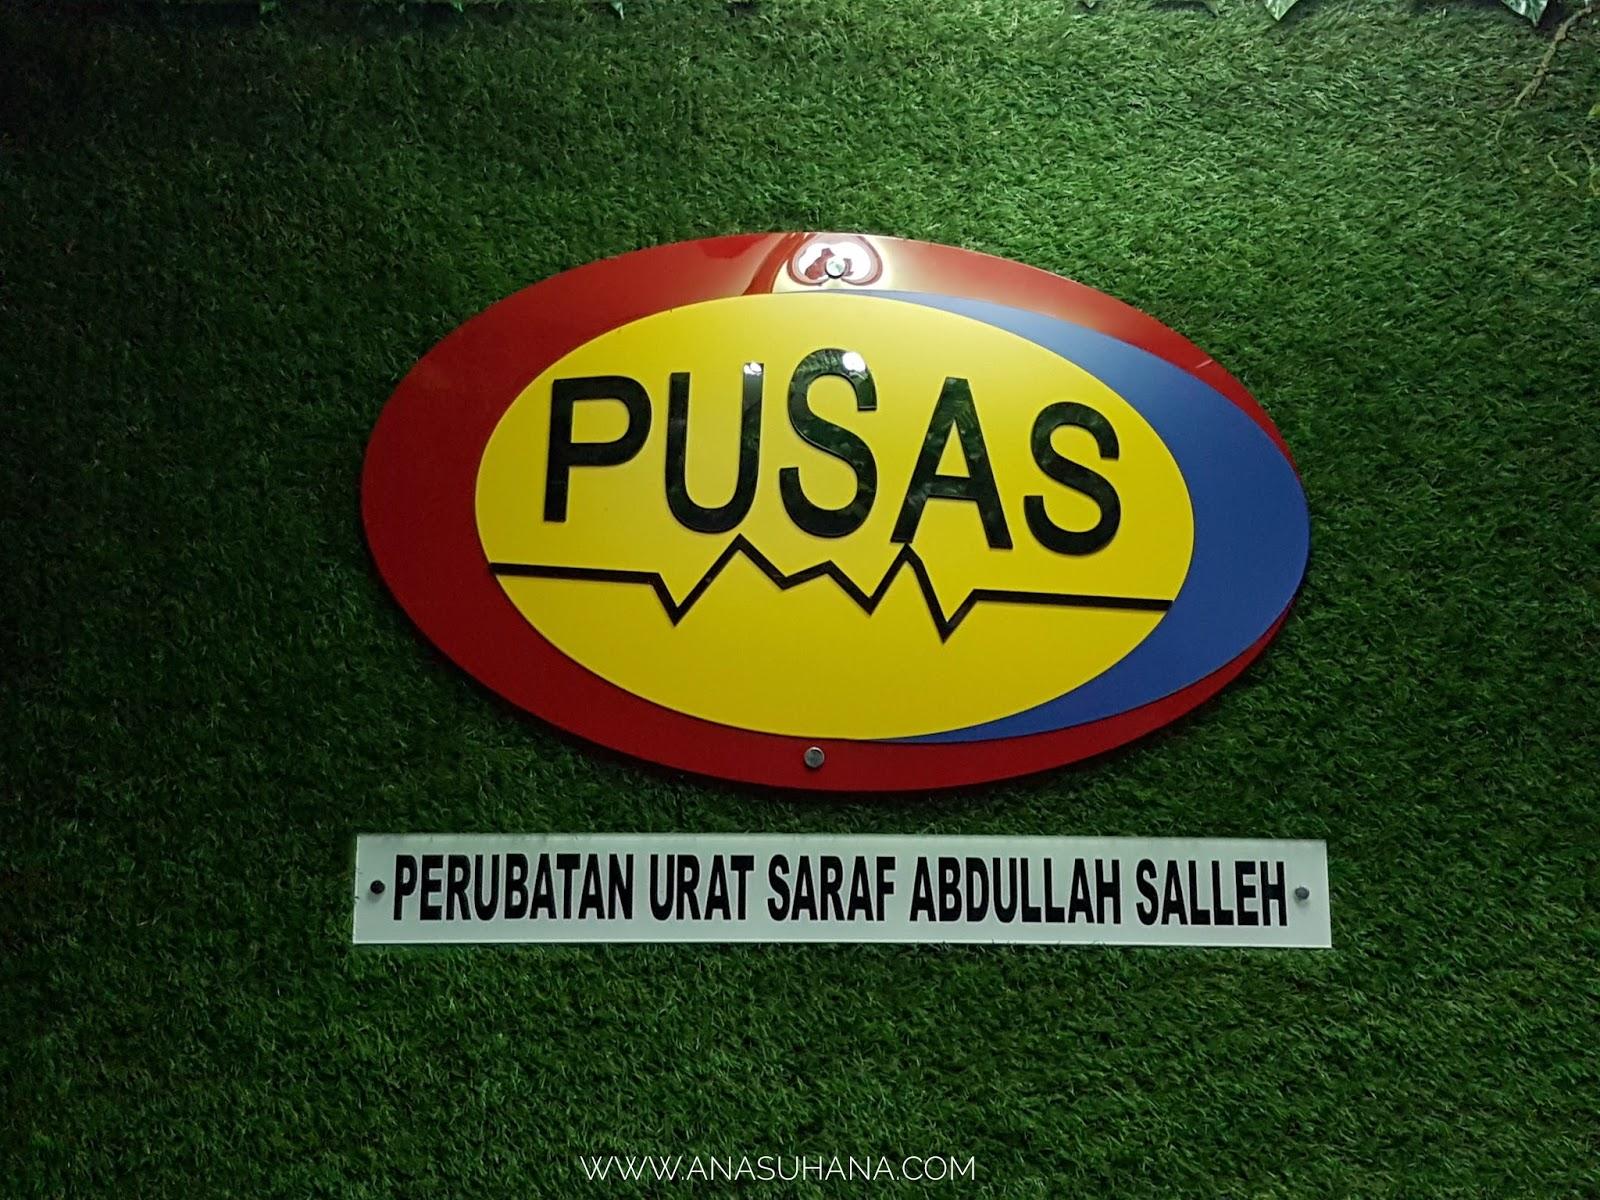 Perubatan Urat Saraf Abdullah Salleh (PUSAS)